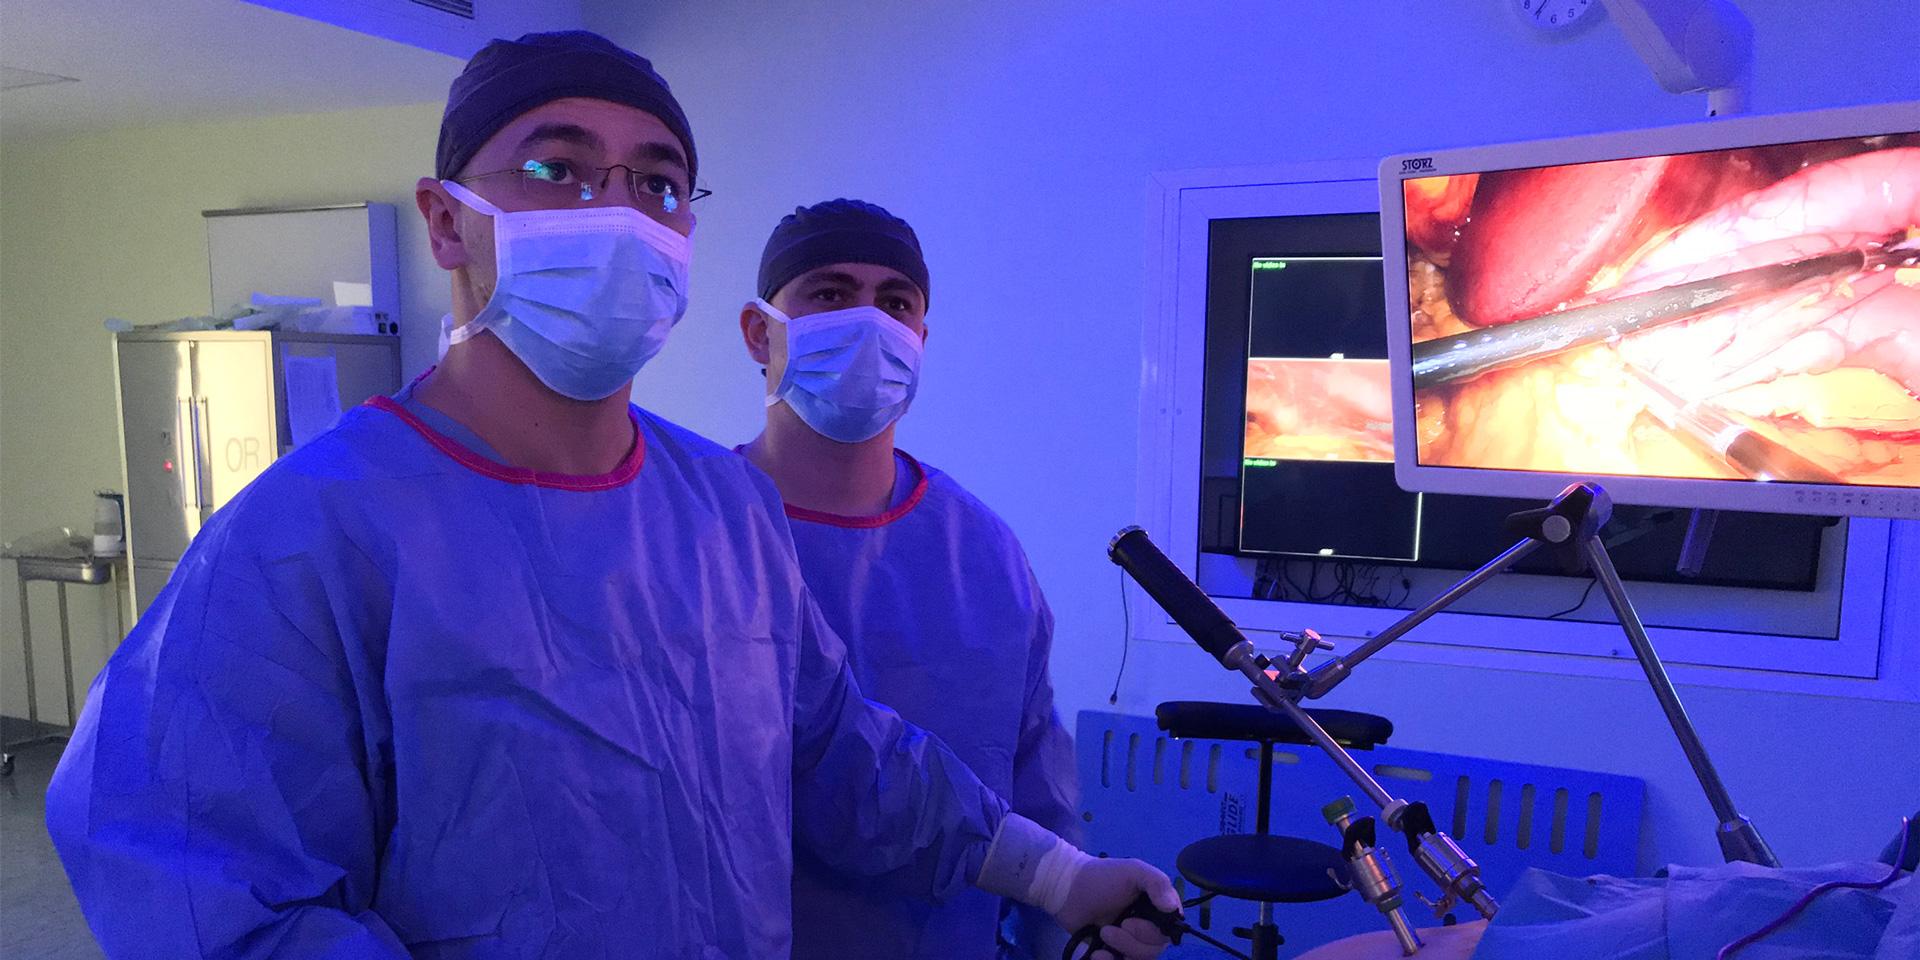 dr-velici-operatie-slide-01